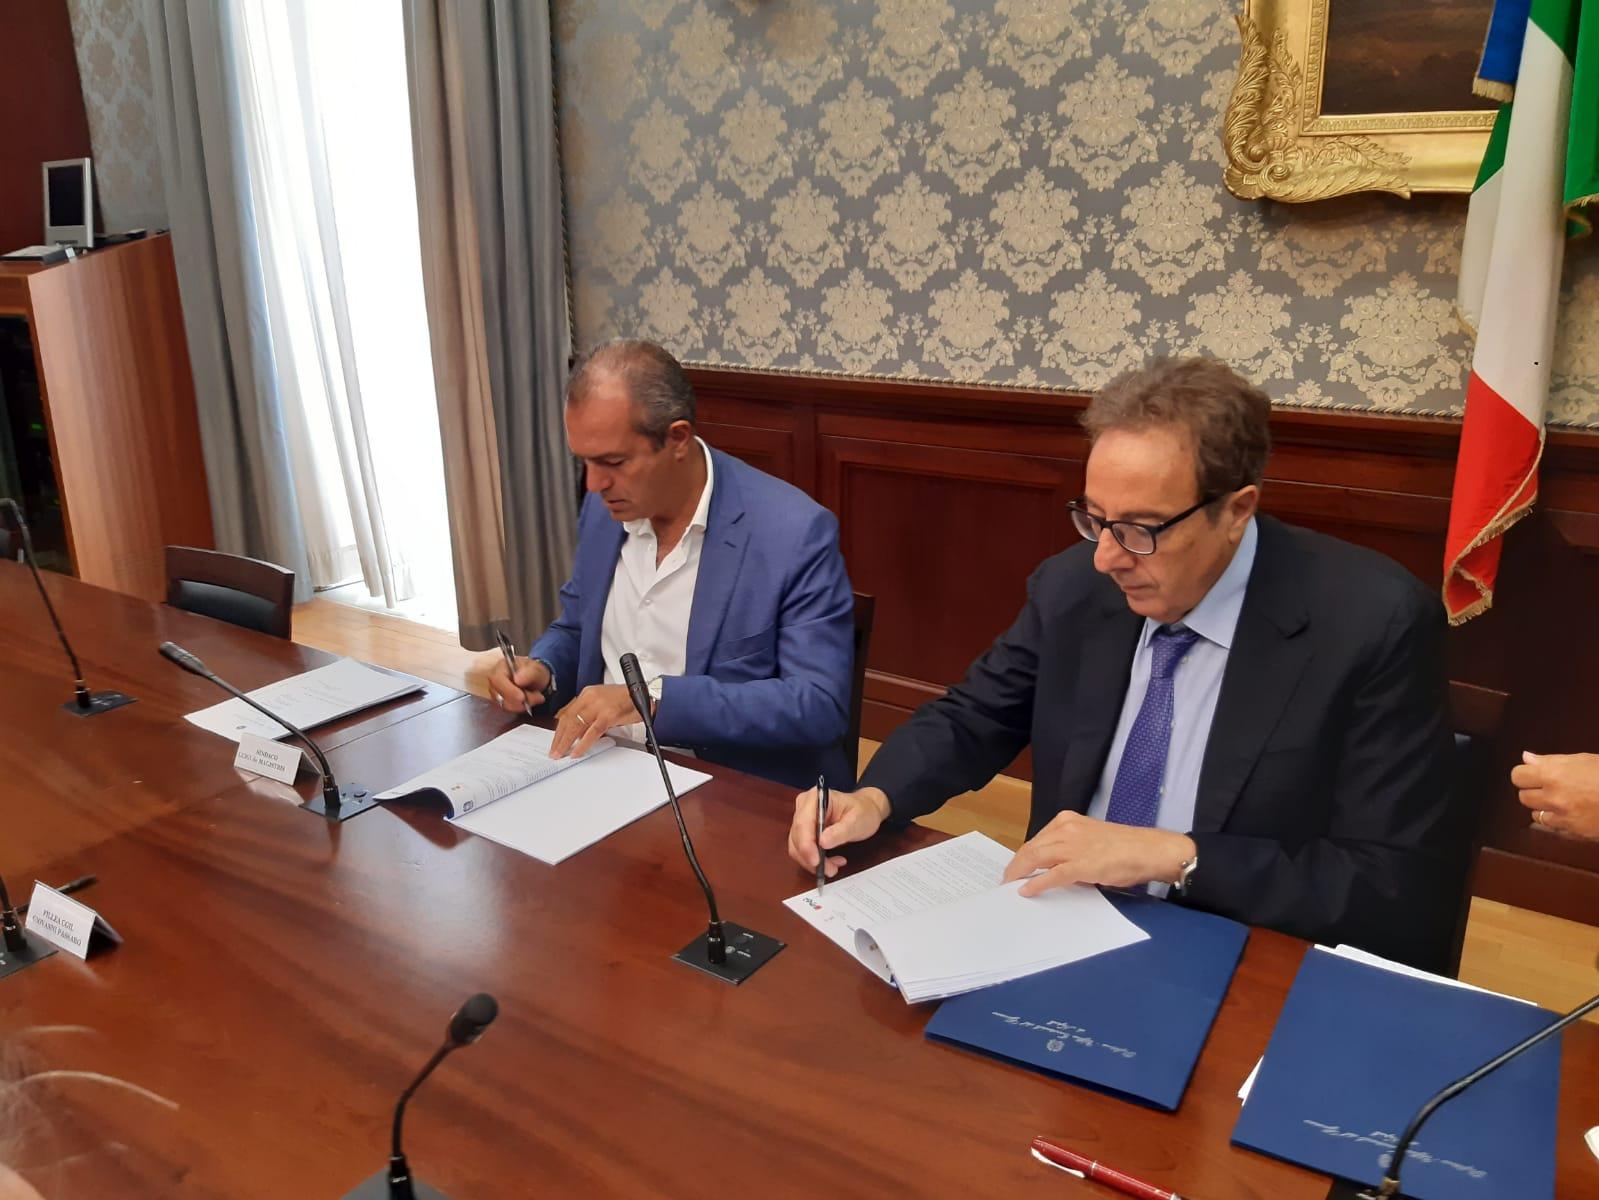 Napoli, firmato protocollo per la legalità e la sicurezza nei cantieri delle linee 1 e 6 Metropolitana